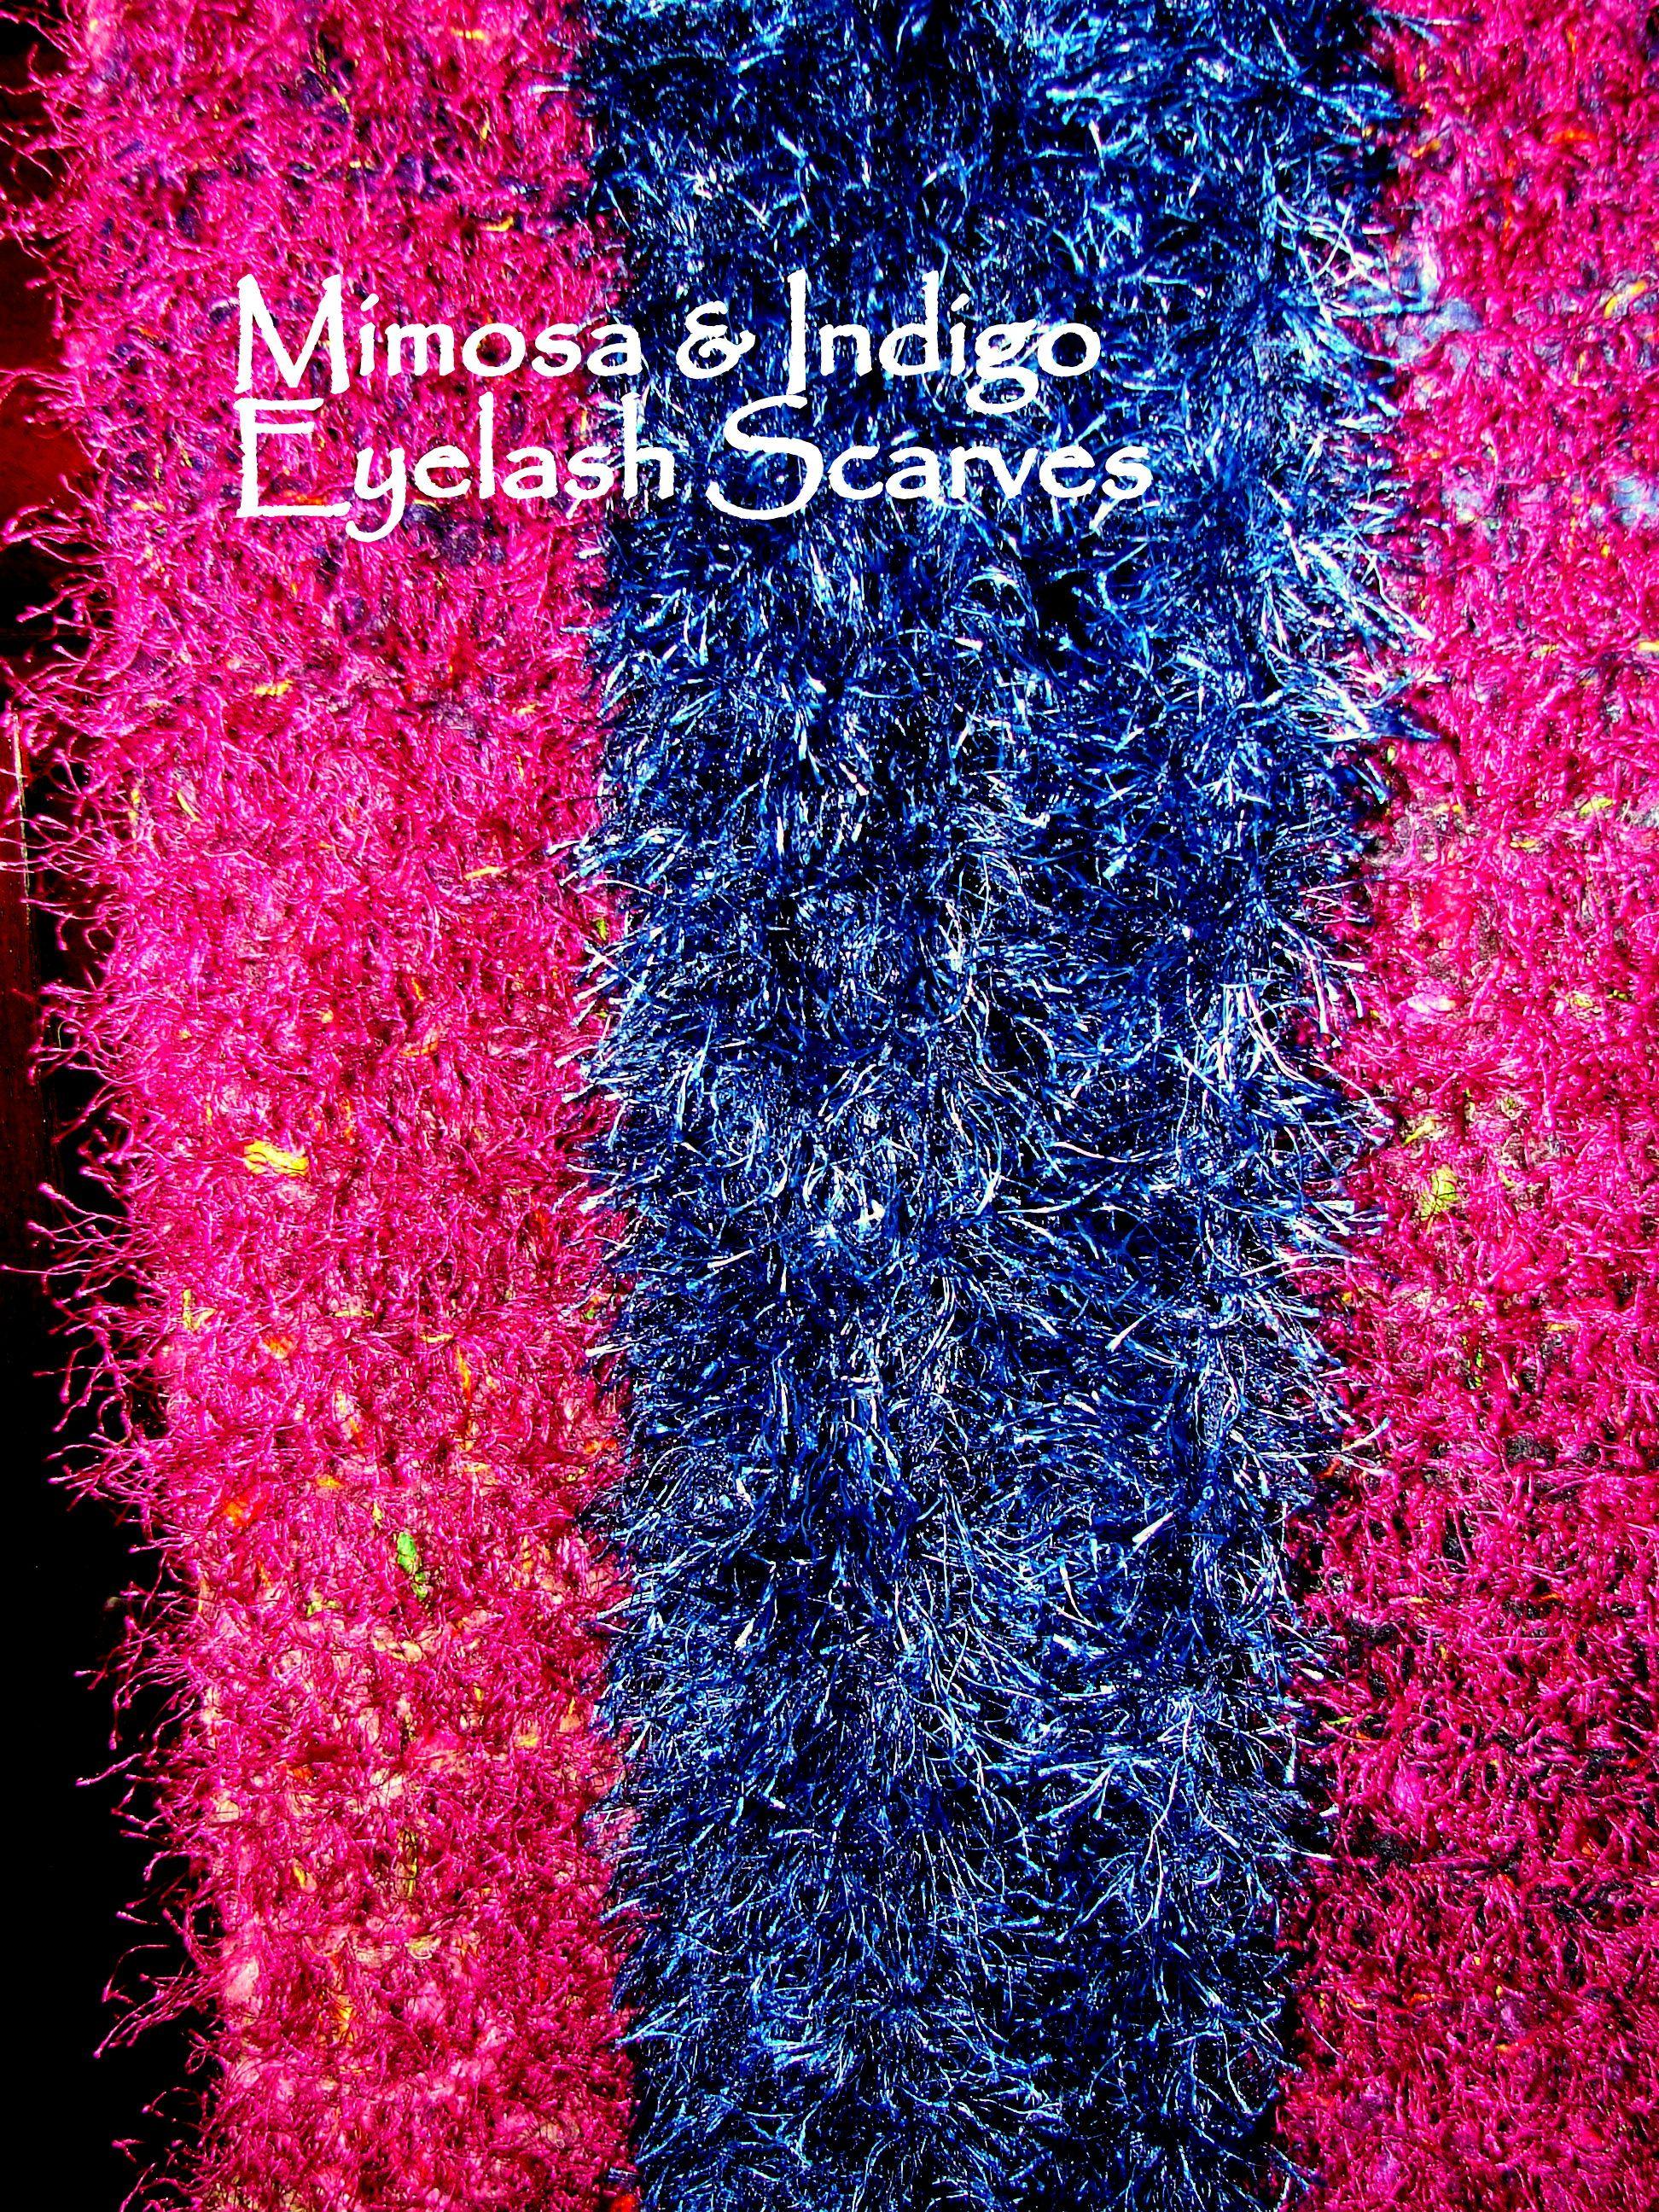 Indigo Eyelash, with Mimosa. Indigo is all novelty eyelash